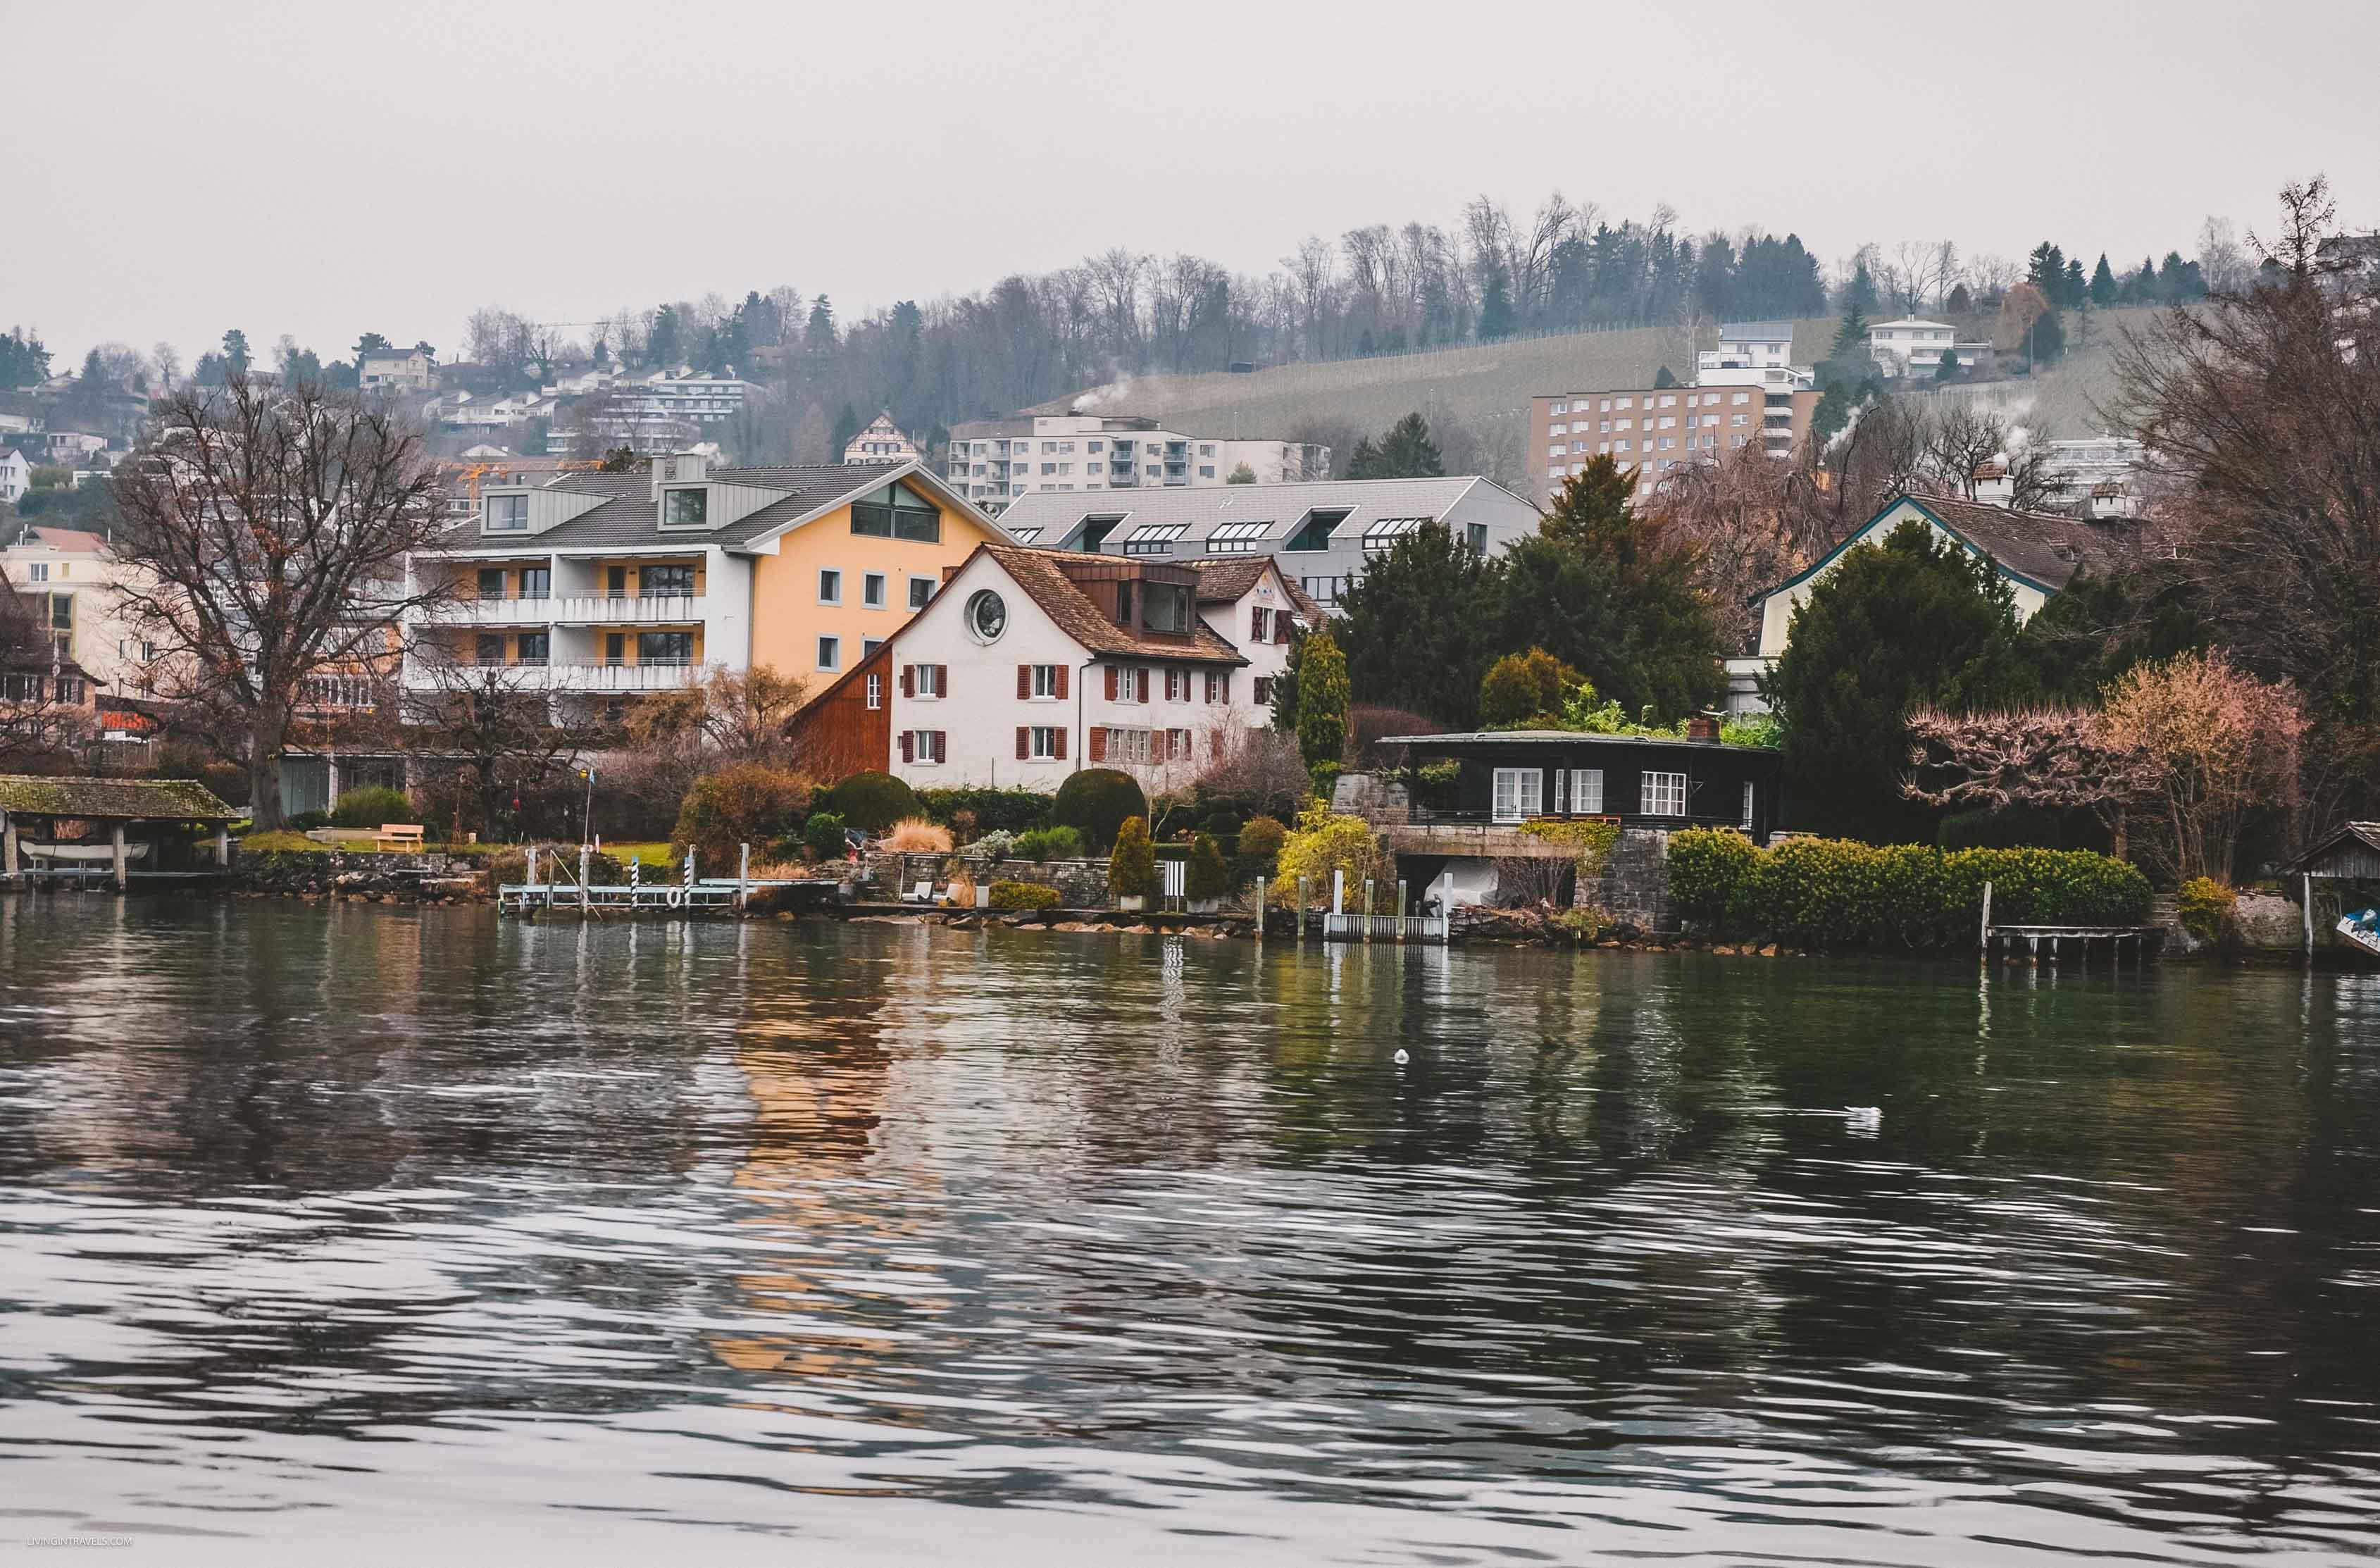 Прогулки по озеру Цюрих. Швейцария: Цюрих и окрестности за 48 часов